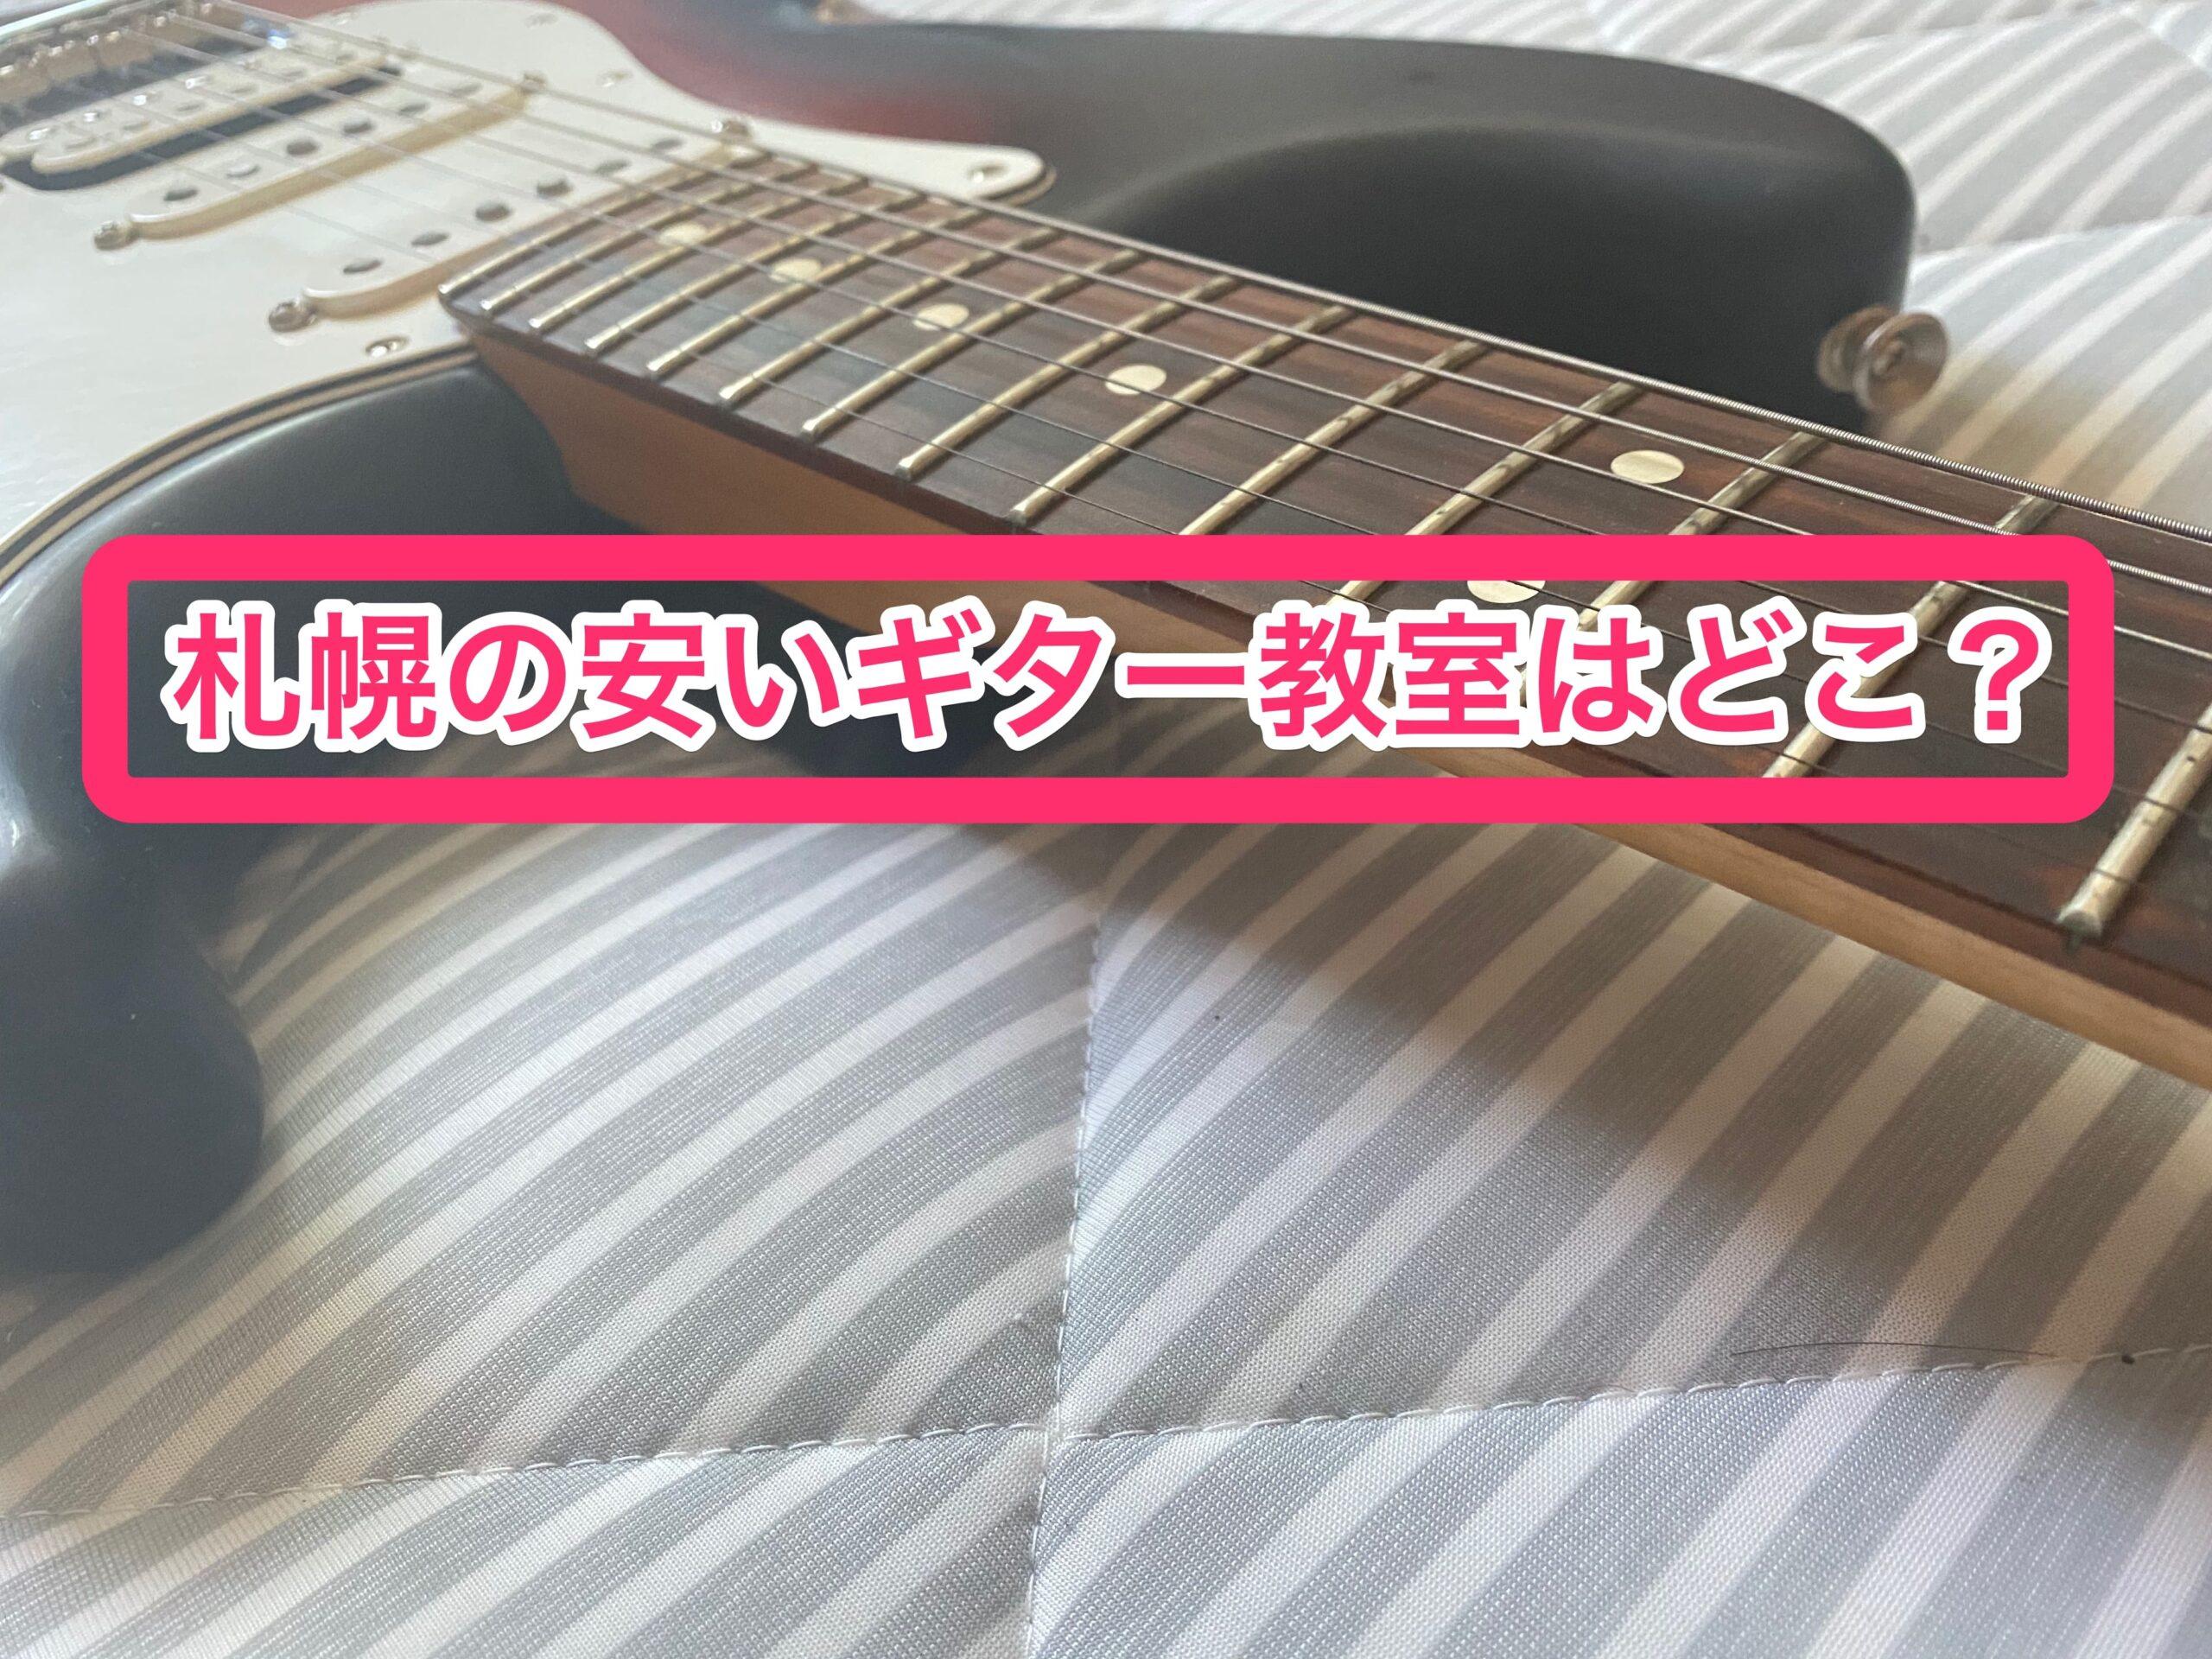 札幌の安いギター教室はここ!